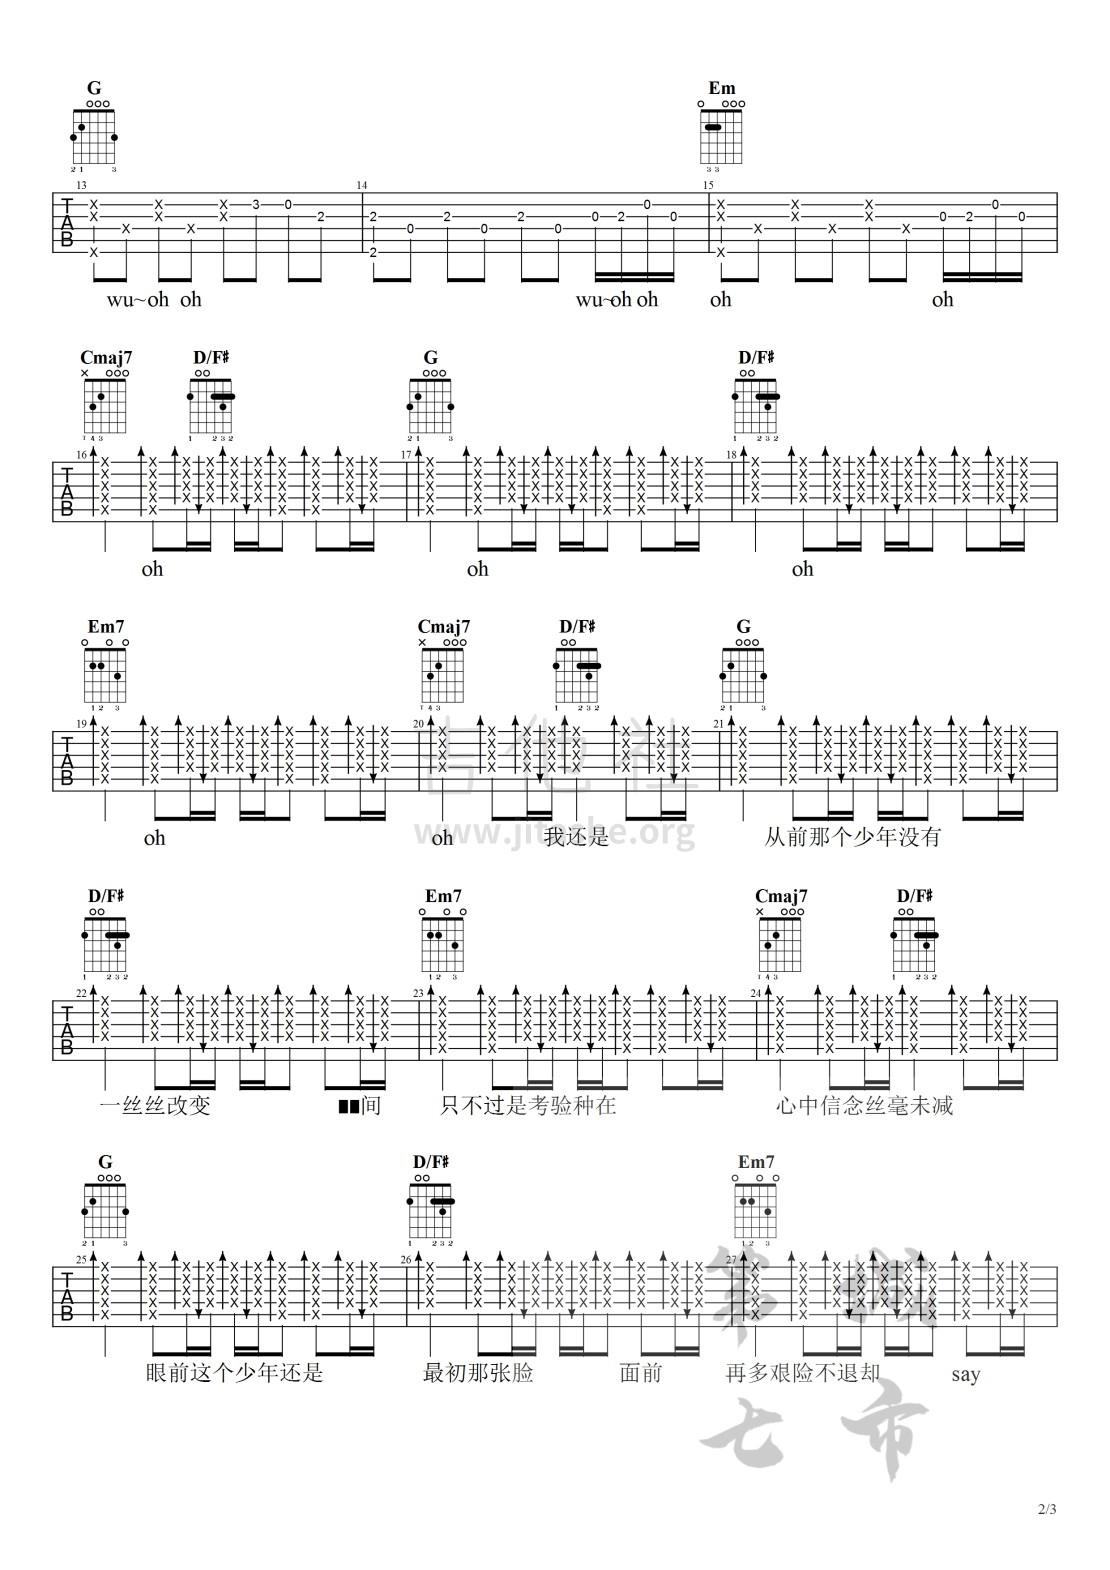 少年(G调吉他谱男生版)吉他谱(图片谱,弹唱,吉他谱,男生版)_梦然_少年#2.png